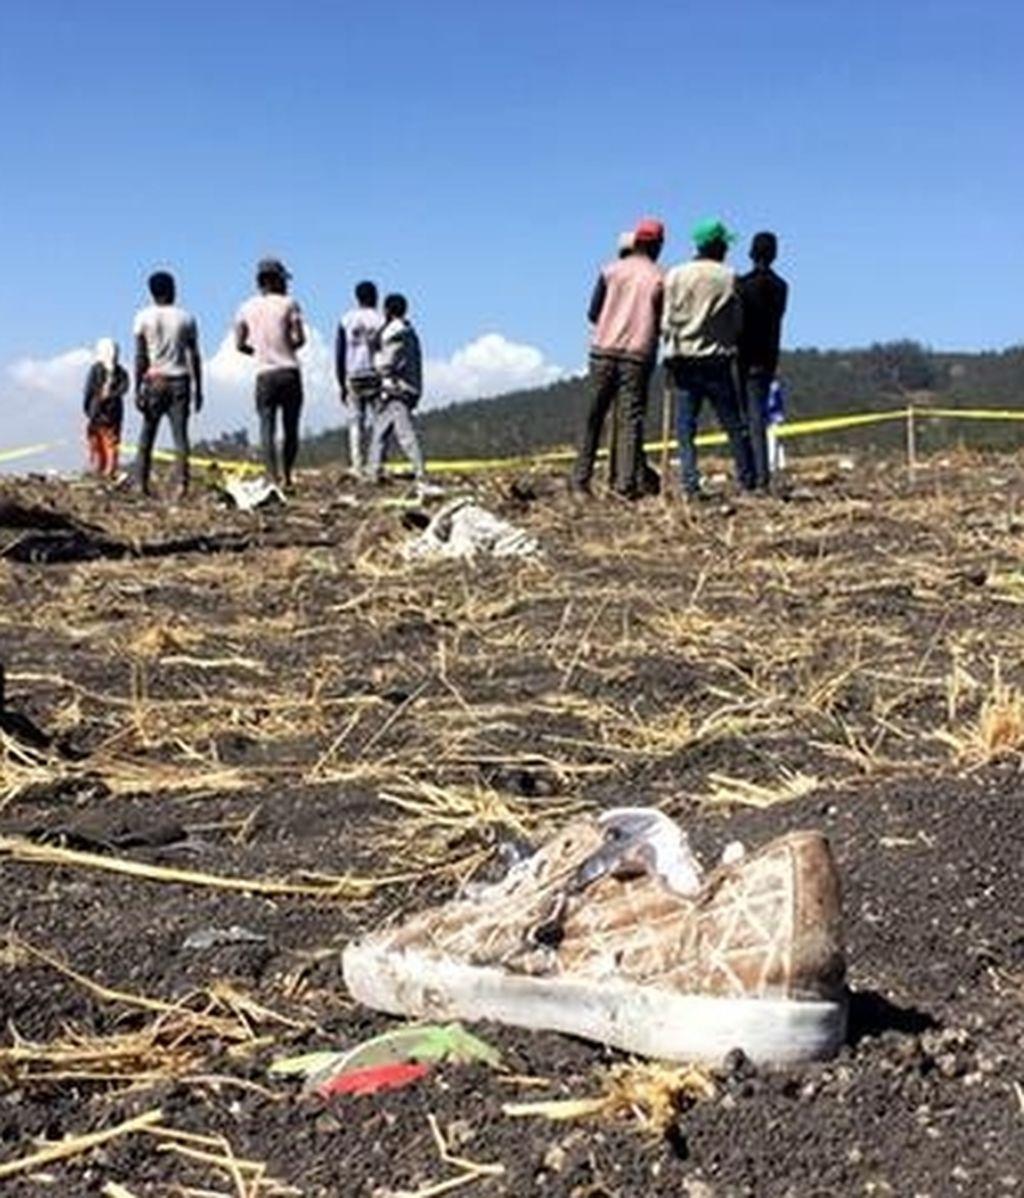 Confirman que no hay supervivientes en el avión que se ha estrellado en Etiopía